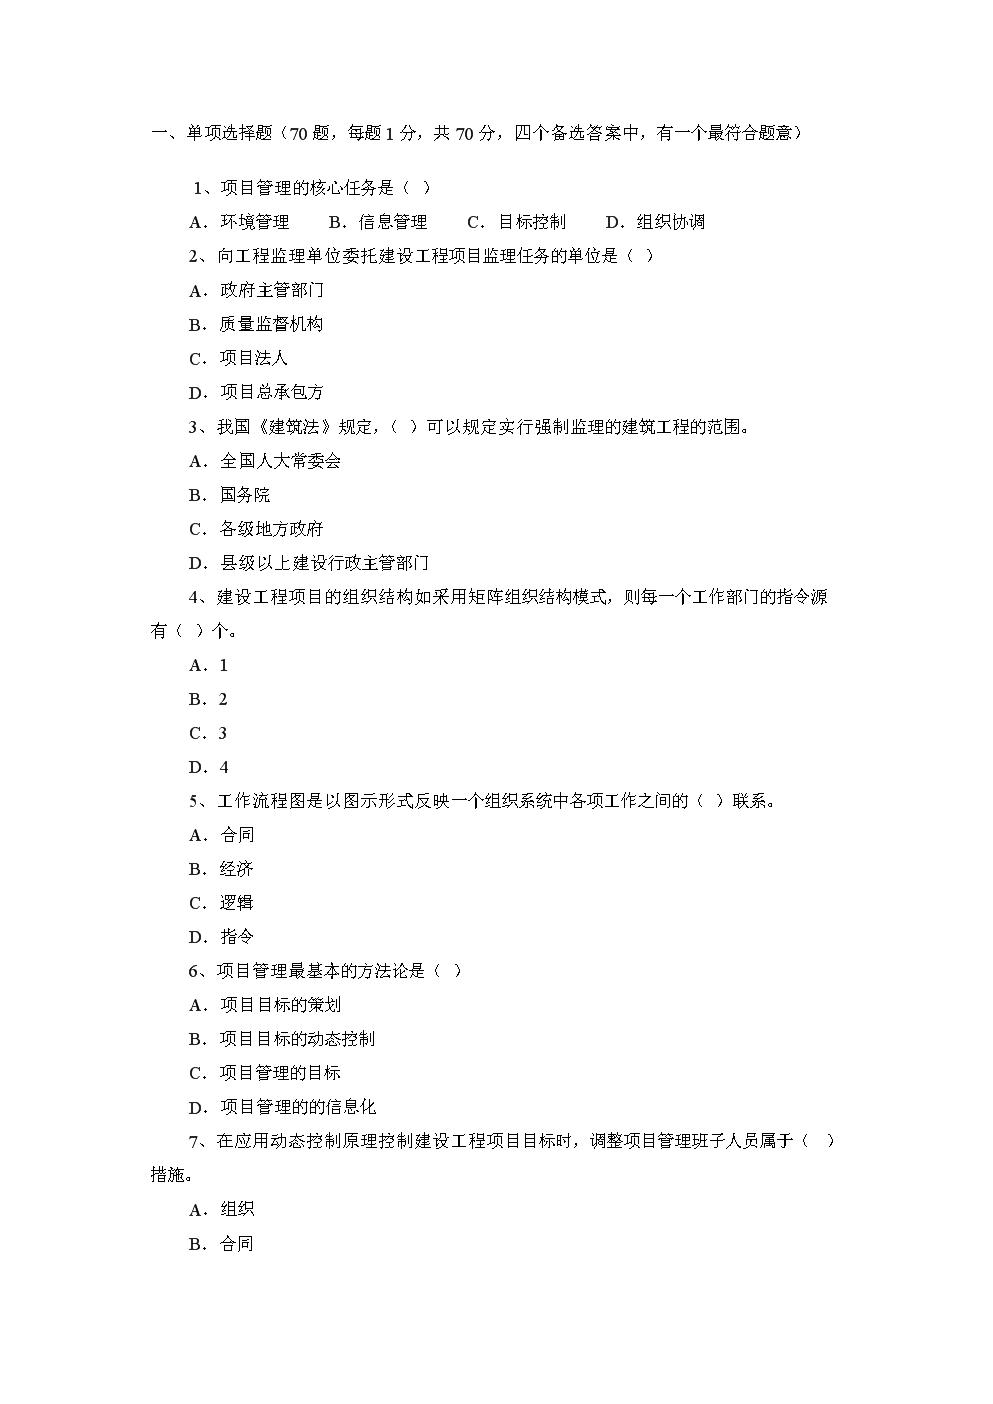 工程项目管理2004年考试真题.doc